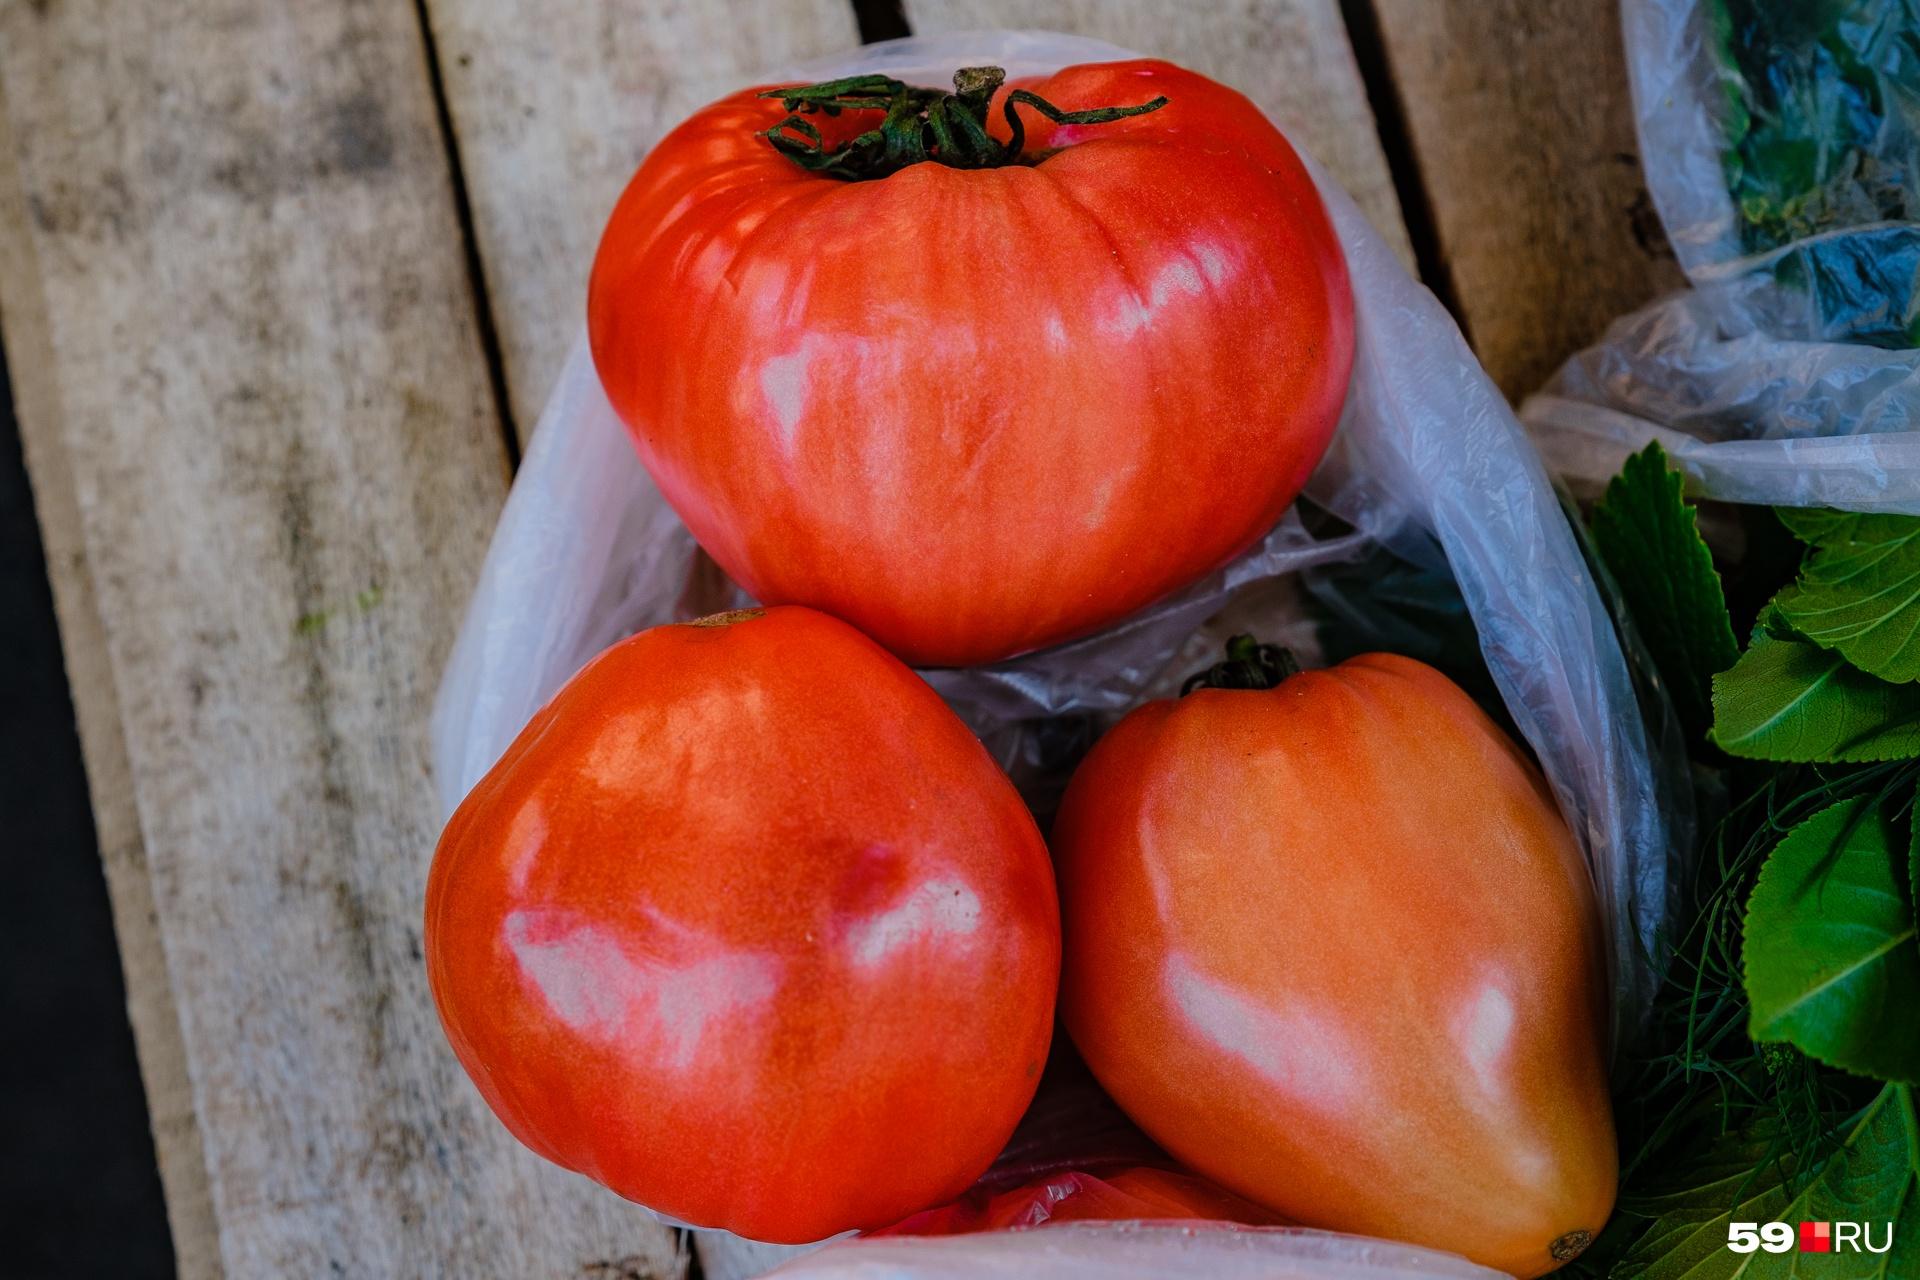 Если хотите сделать домашний томатный сок, лучше дождитесь сезона